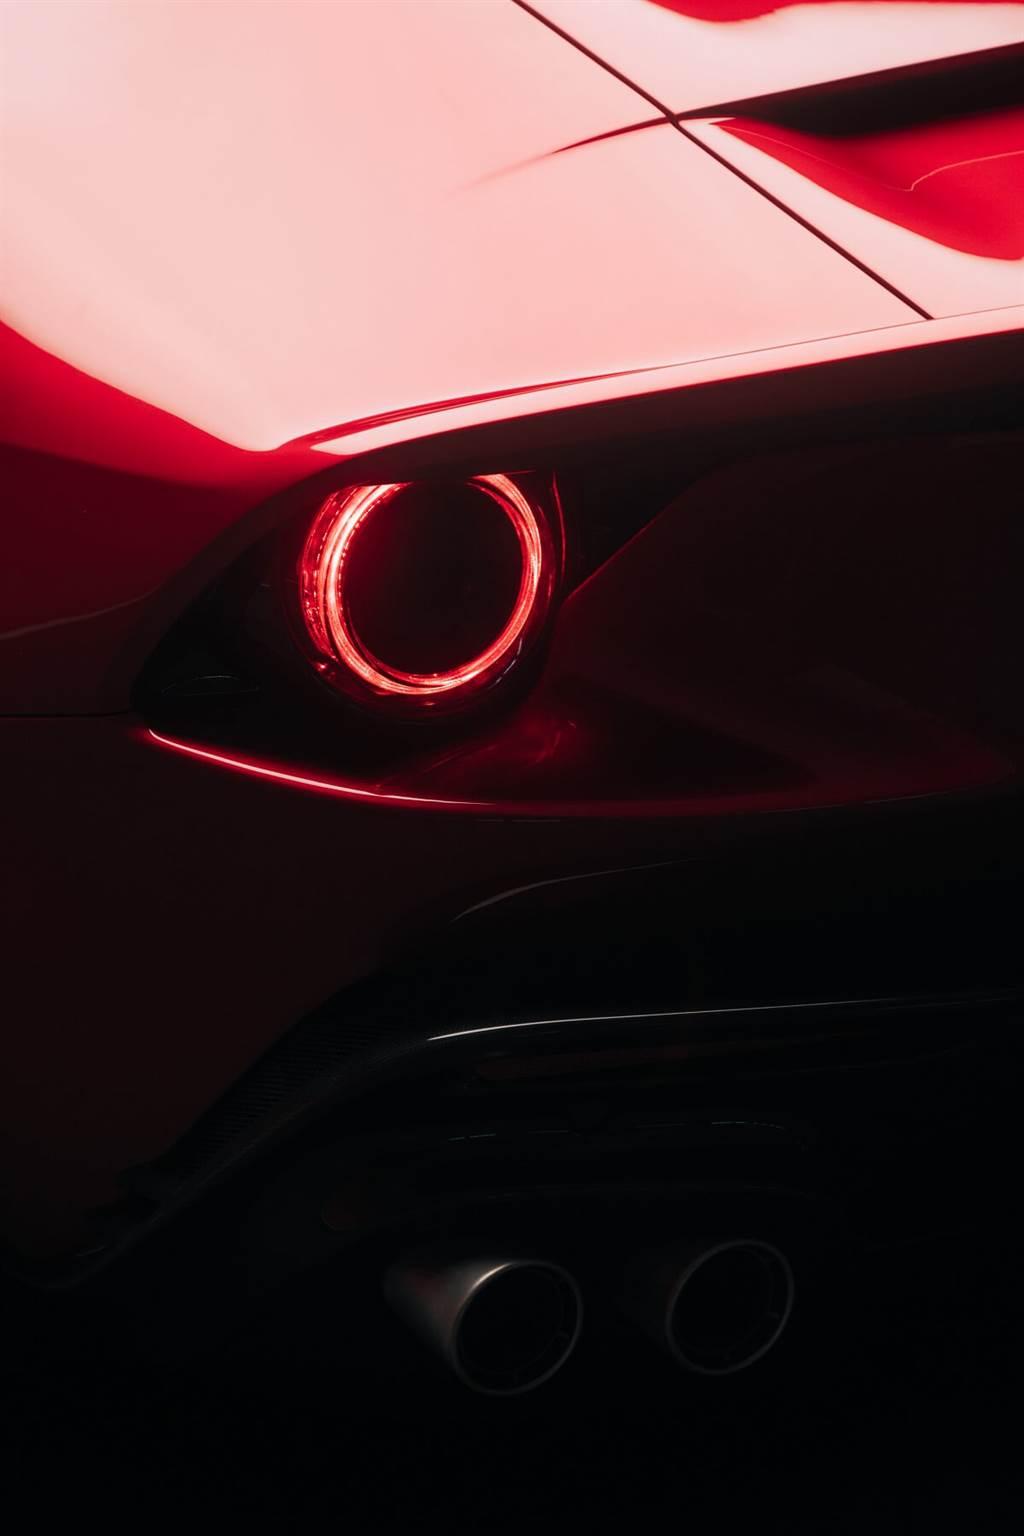 獨享迴盪的V12音浪!Ferrari Omologata僅此一輛,別無分輛